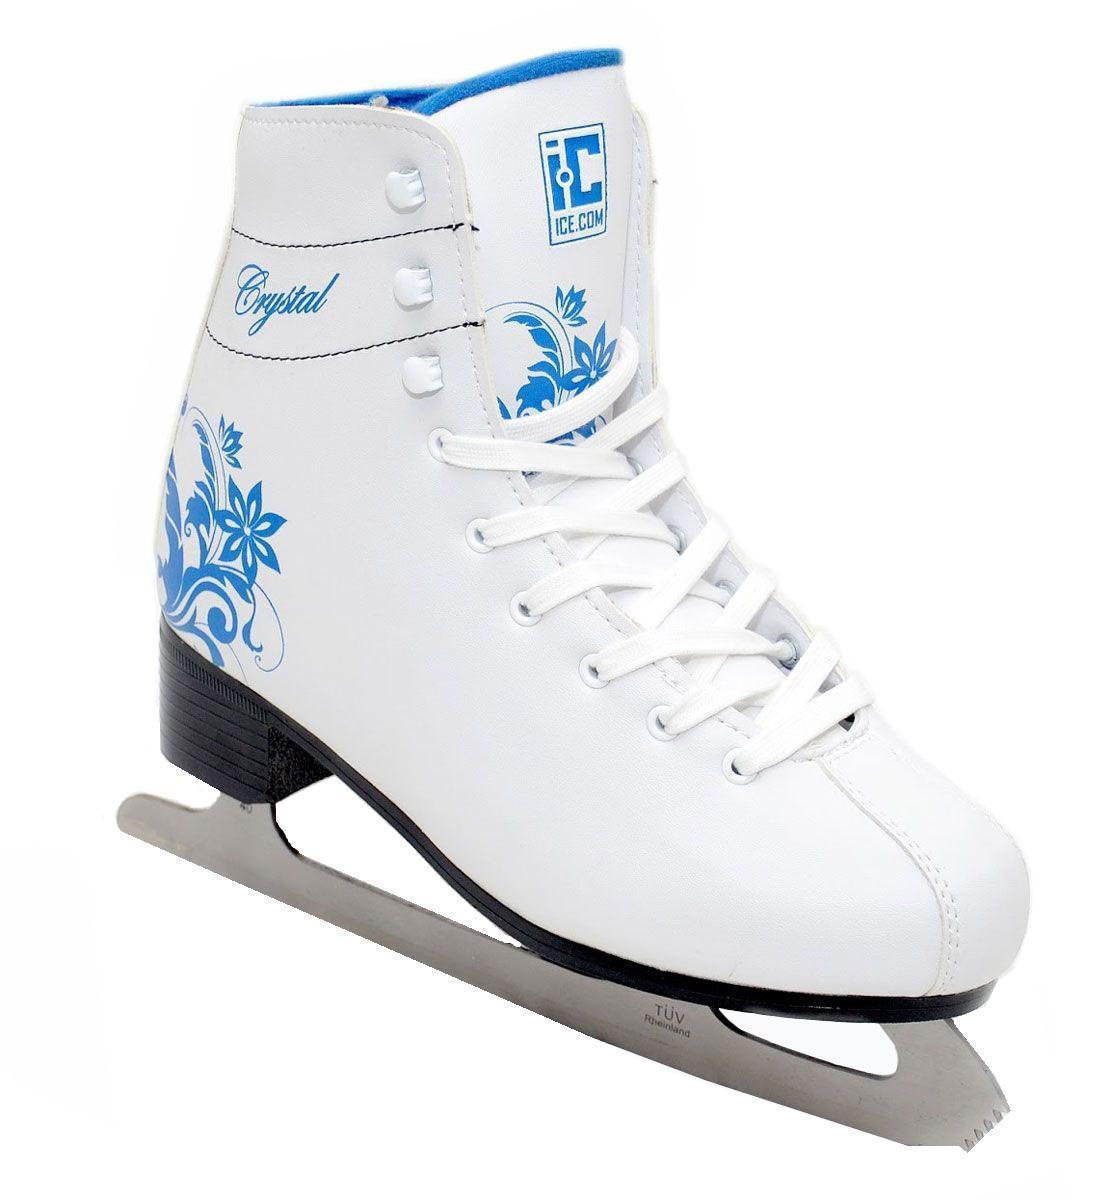 Коньки фигурные детские Ice.Com Crystal, цвет: синий, белый. Размер 34